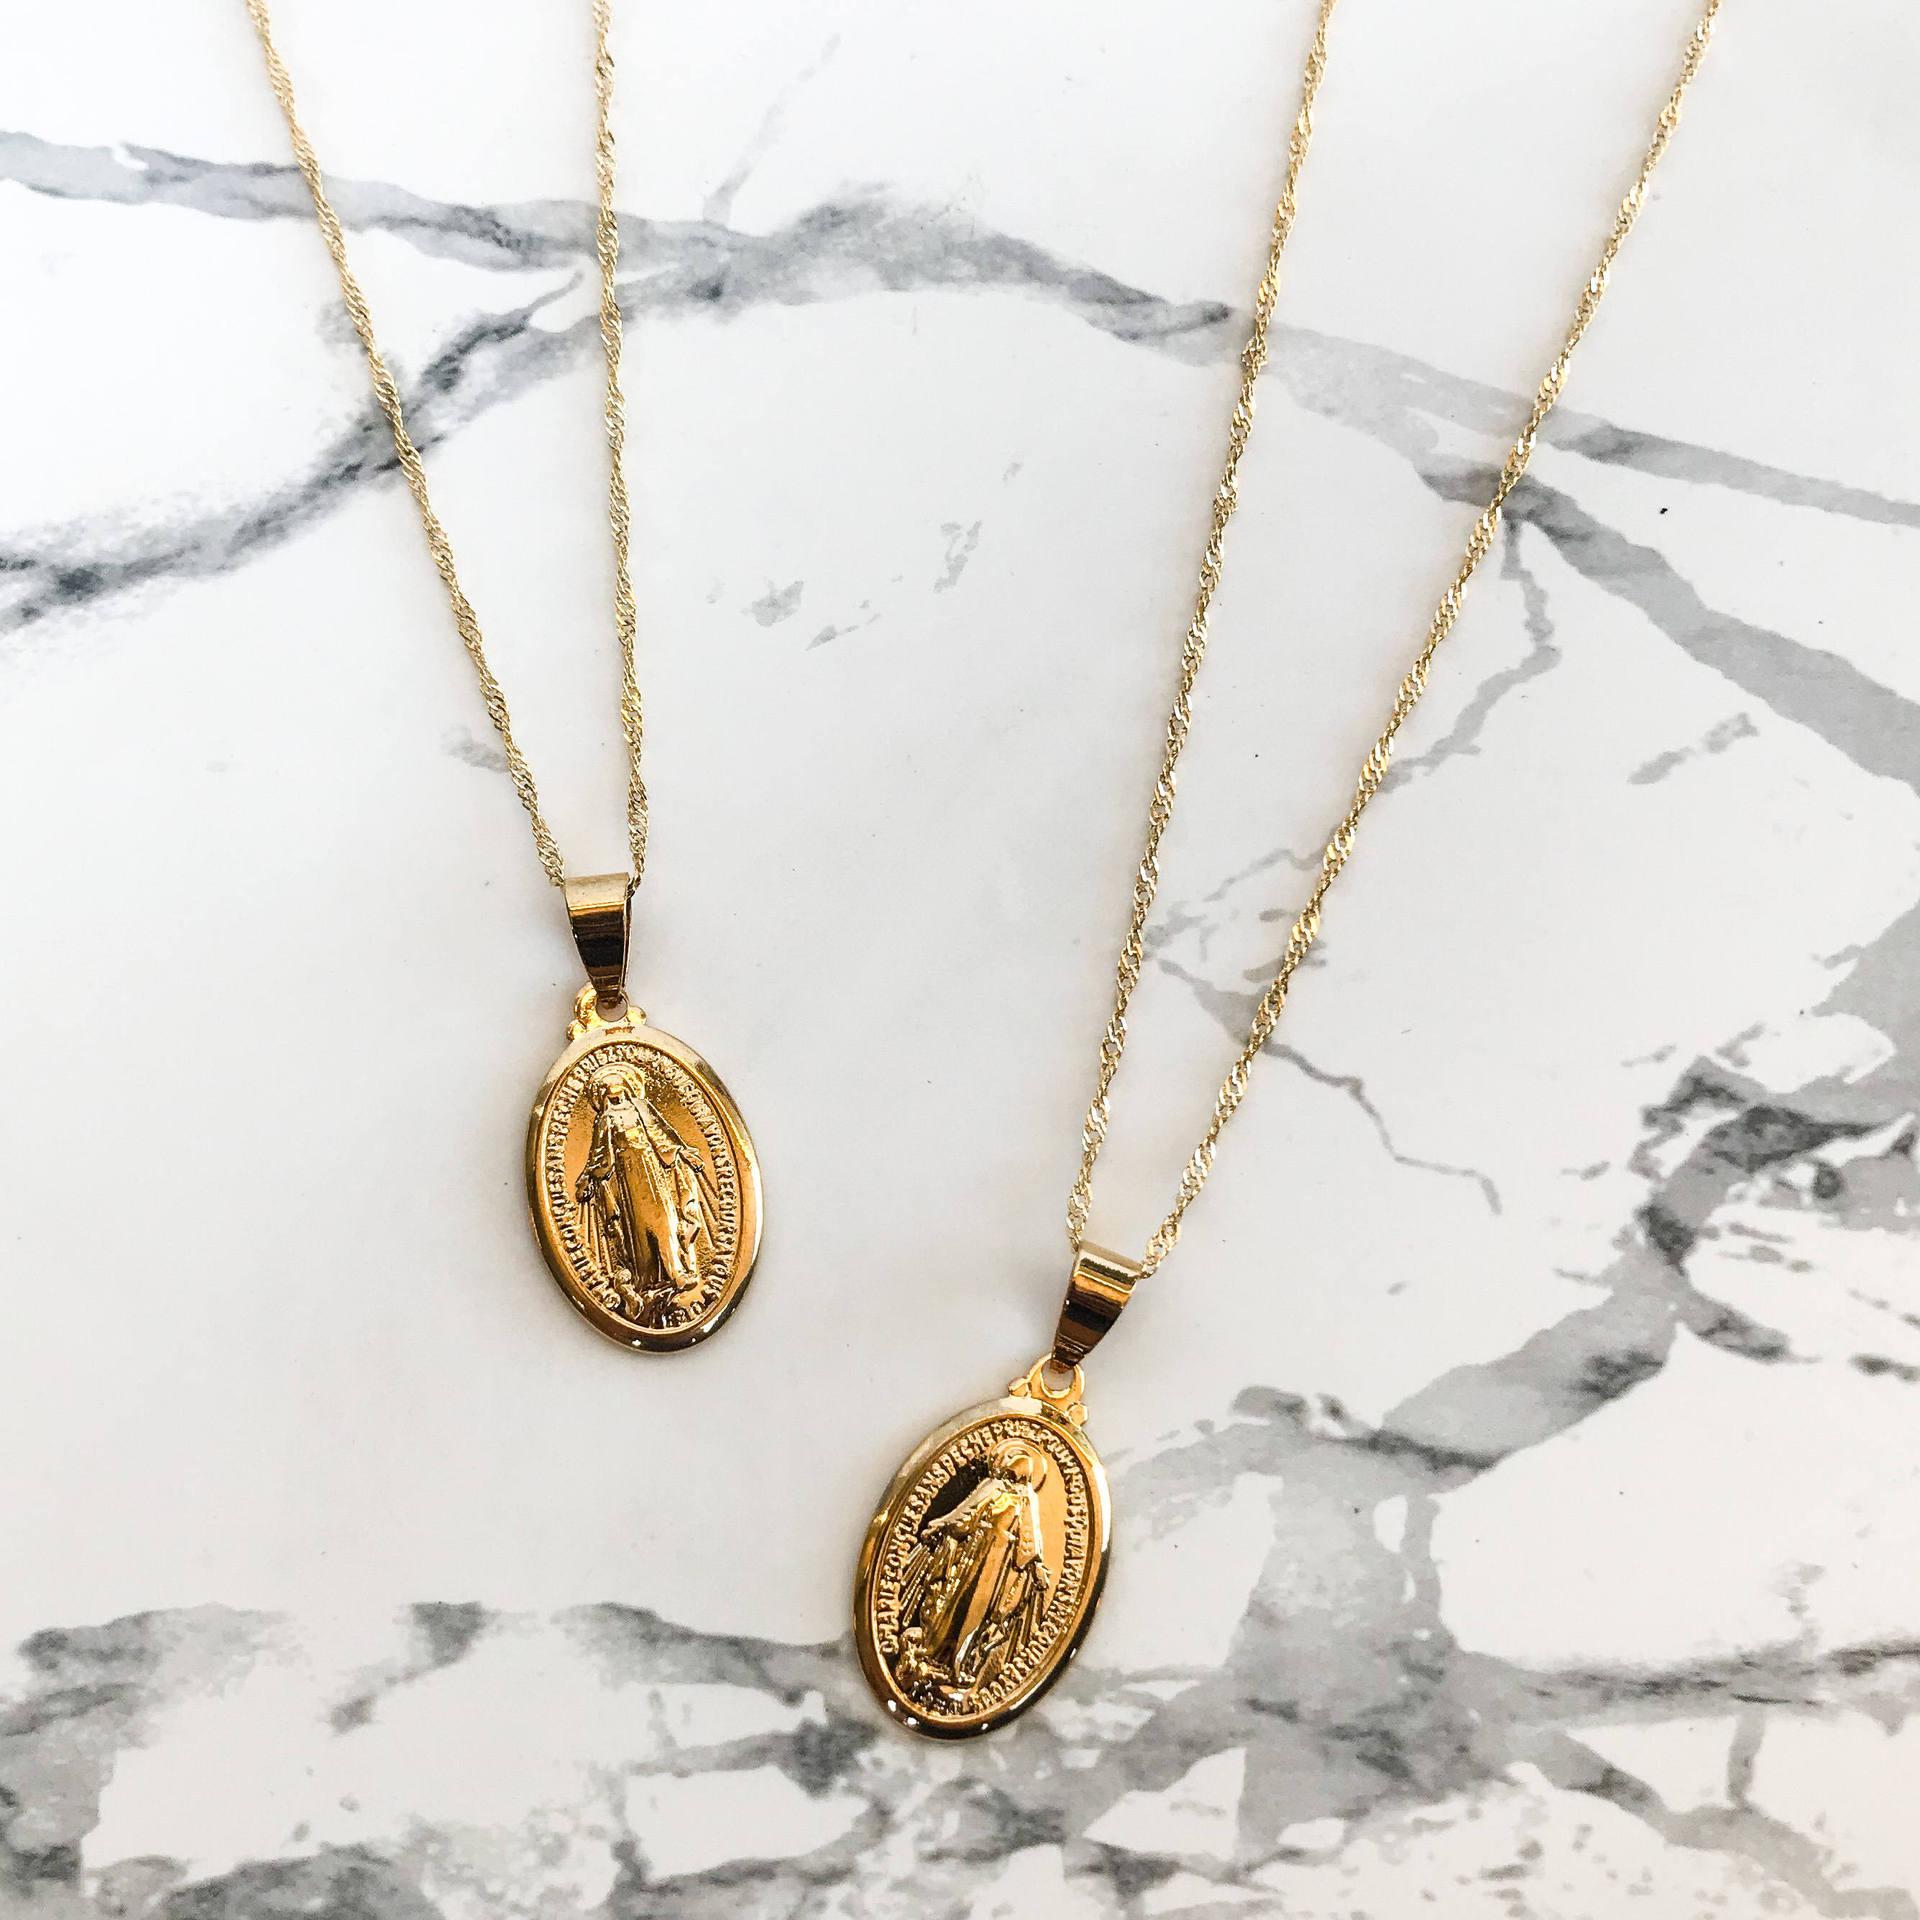 Крест религиозные аксессуары медальон Дева Мария ожерелье подарок, ожерелье с подвеской